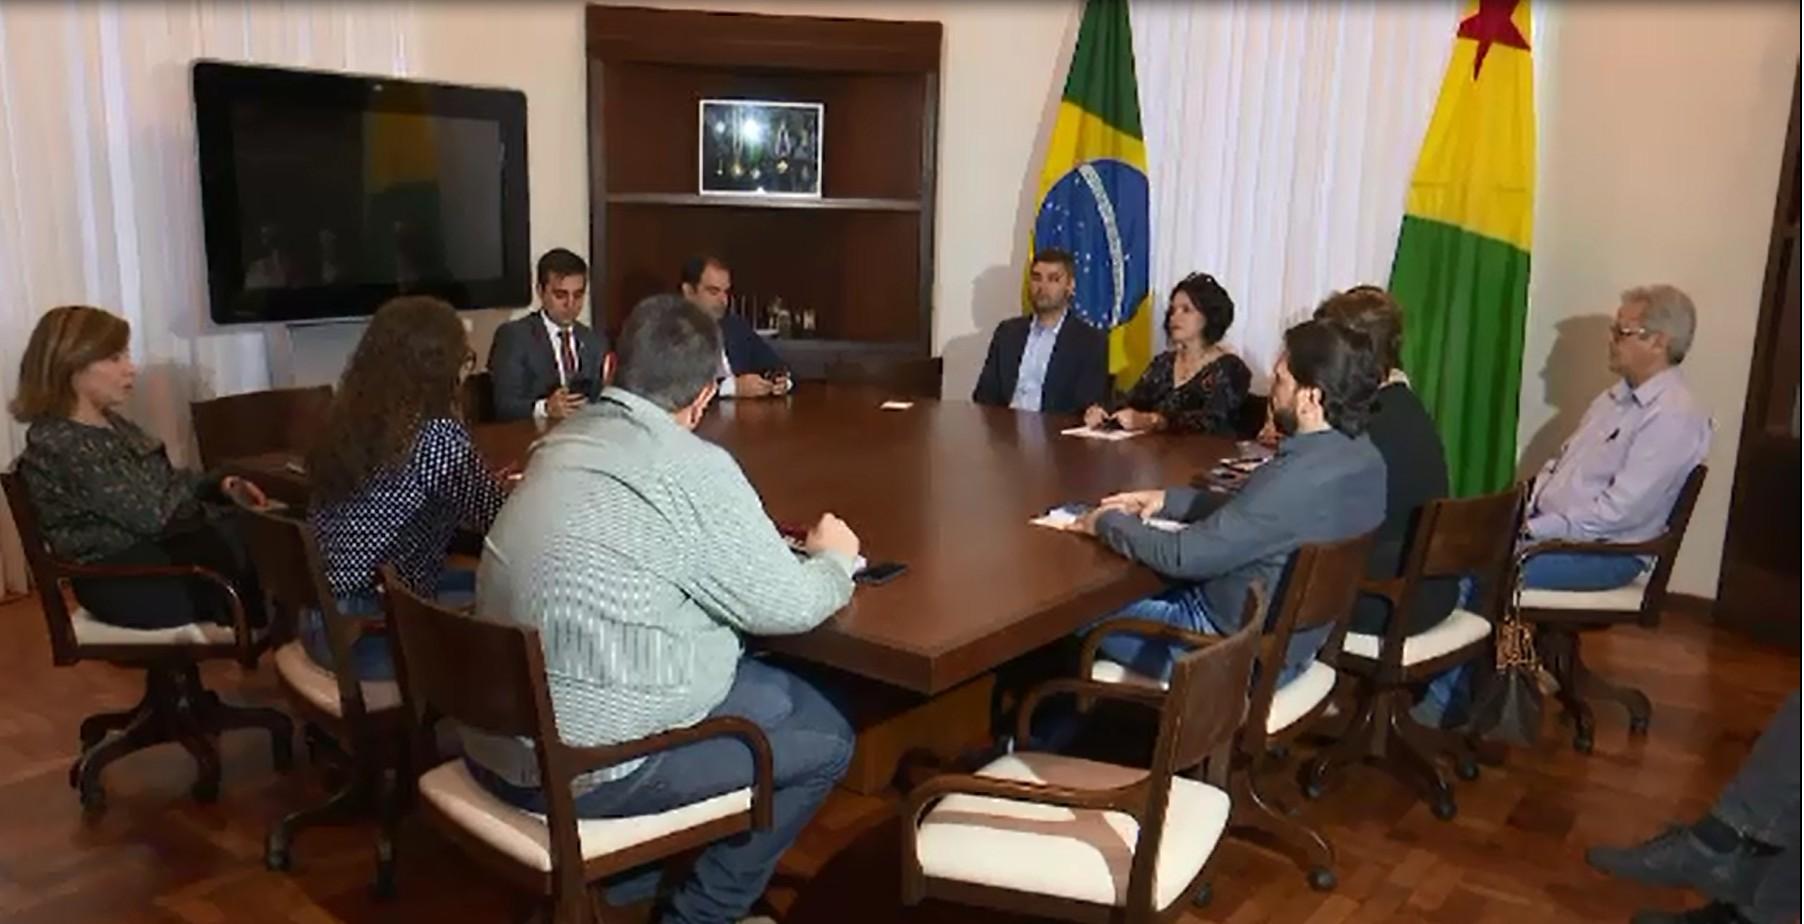 Governador se reúne para debater mudanças que limitam gastos dos três poderes no Acre - Notícias - Plantão Diário